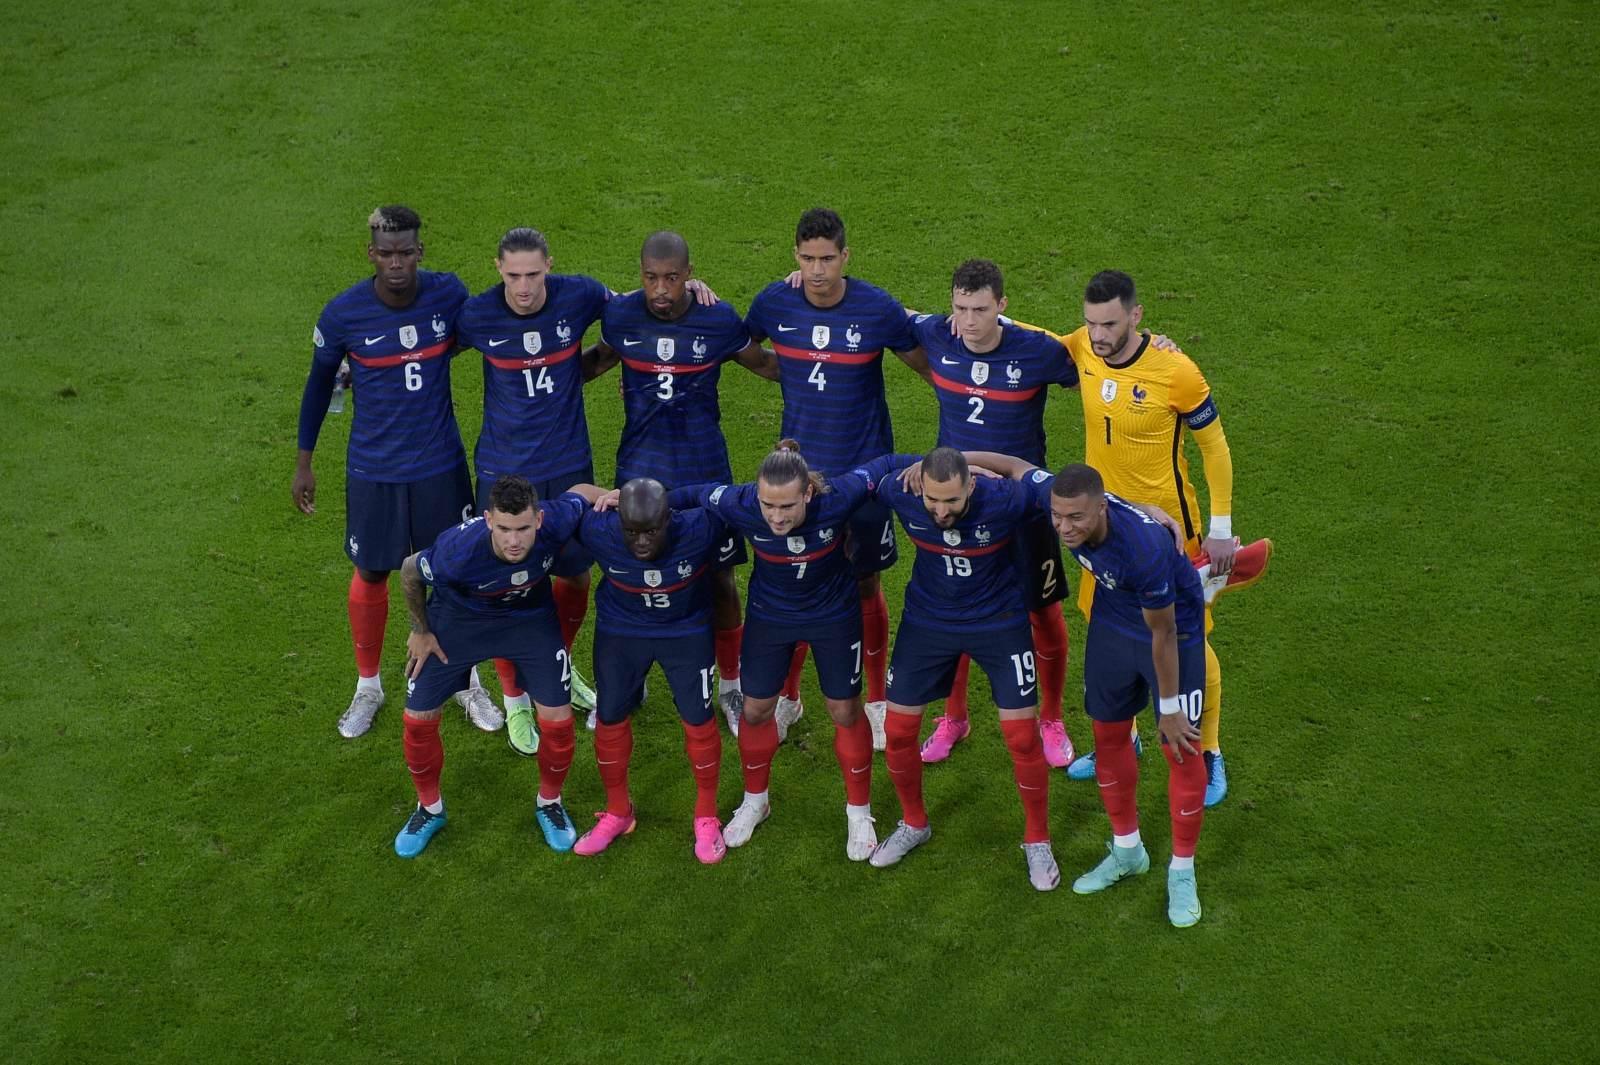 Бельгия и Франция обнародовали стартовые составы на полуфинал Лиги наций